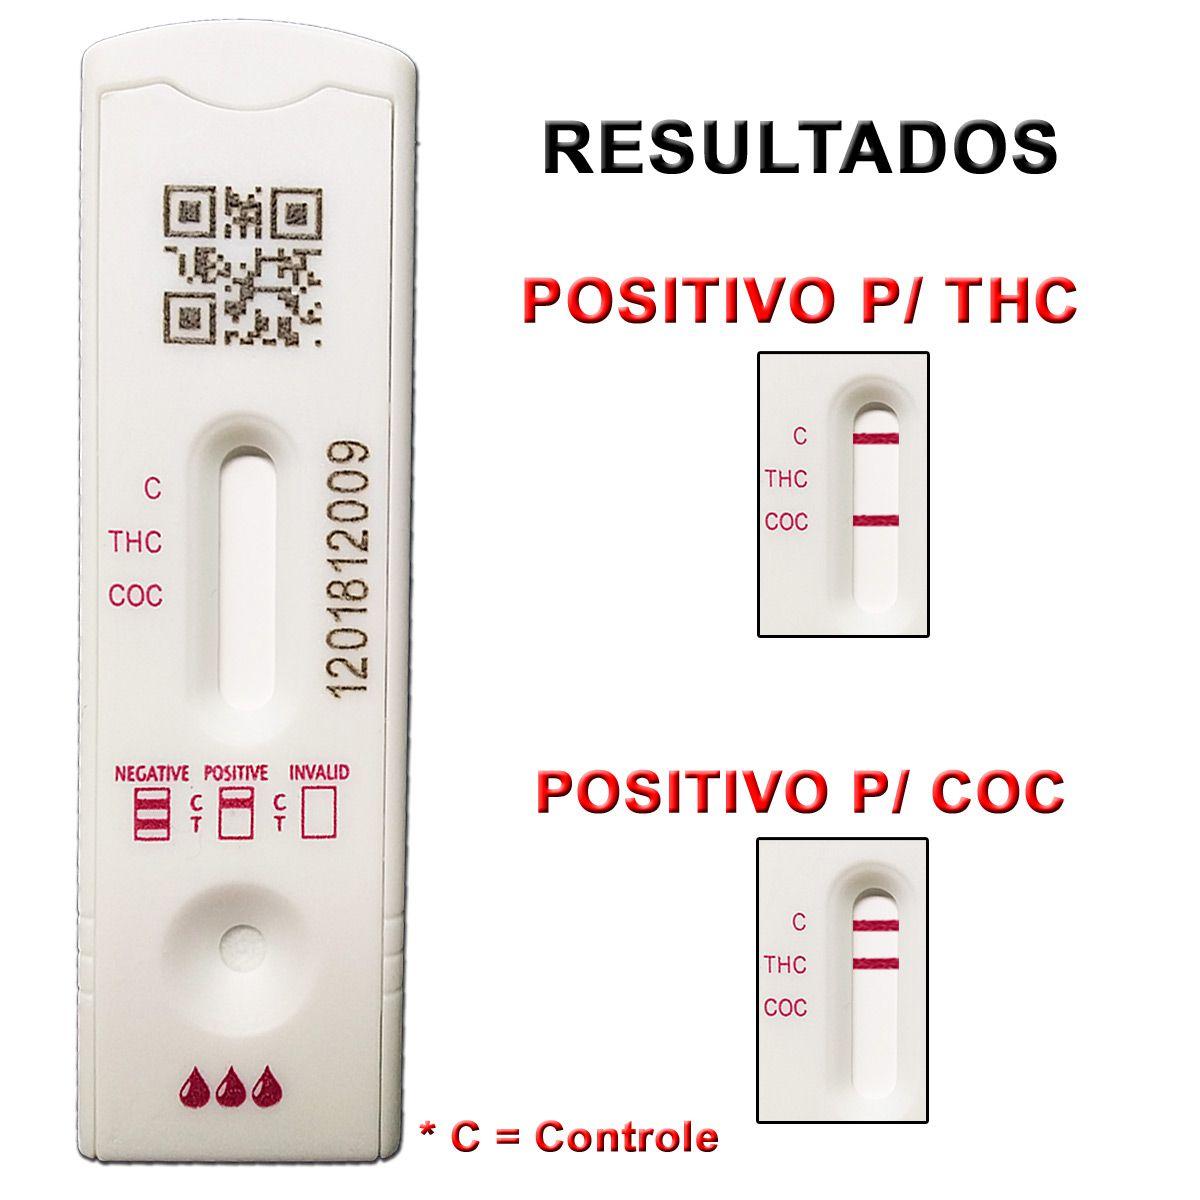 01 Kit para teste de COC+THC  - Testes Para Drogas e COVID-19. Máscaras e Como Parar de Beber e Fumar